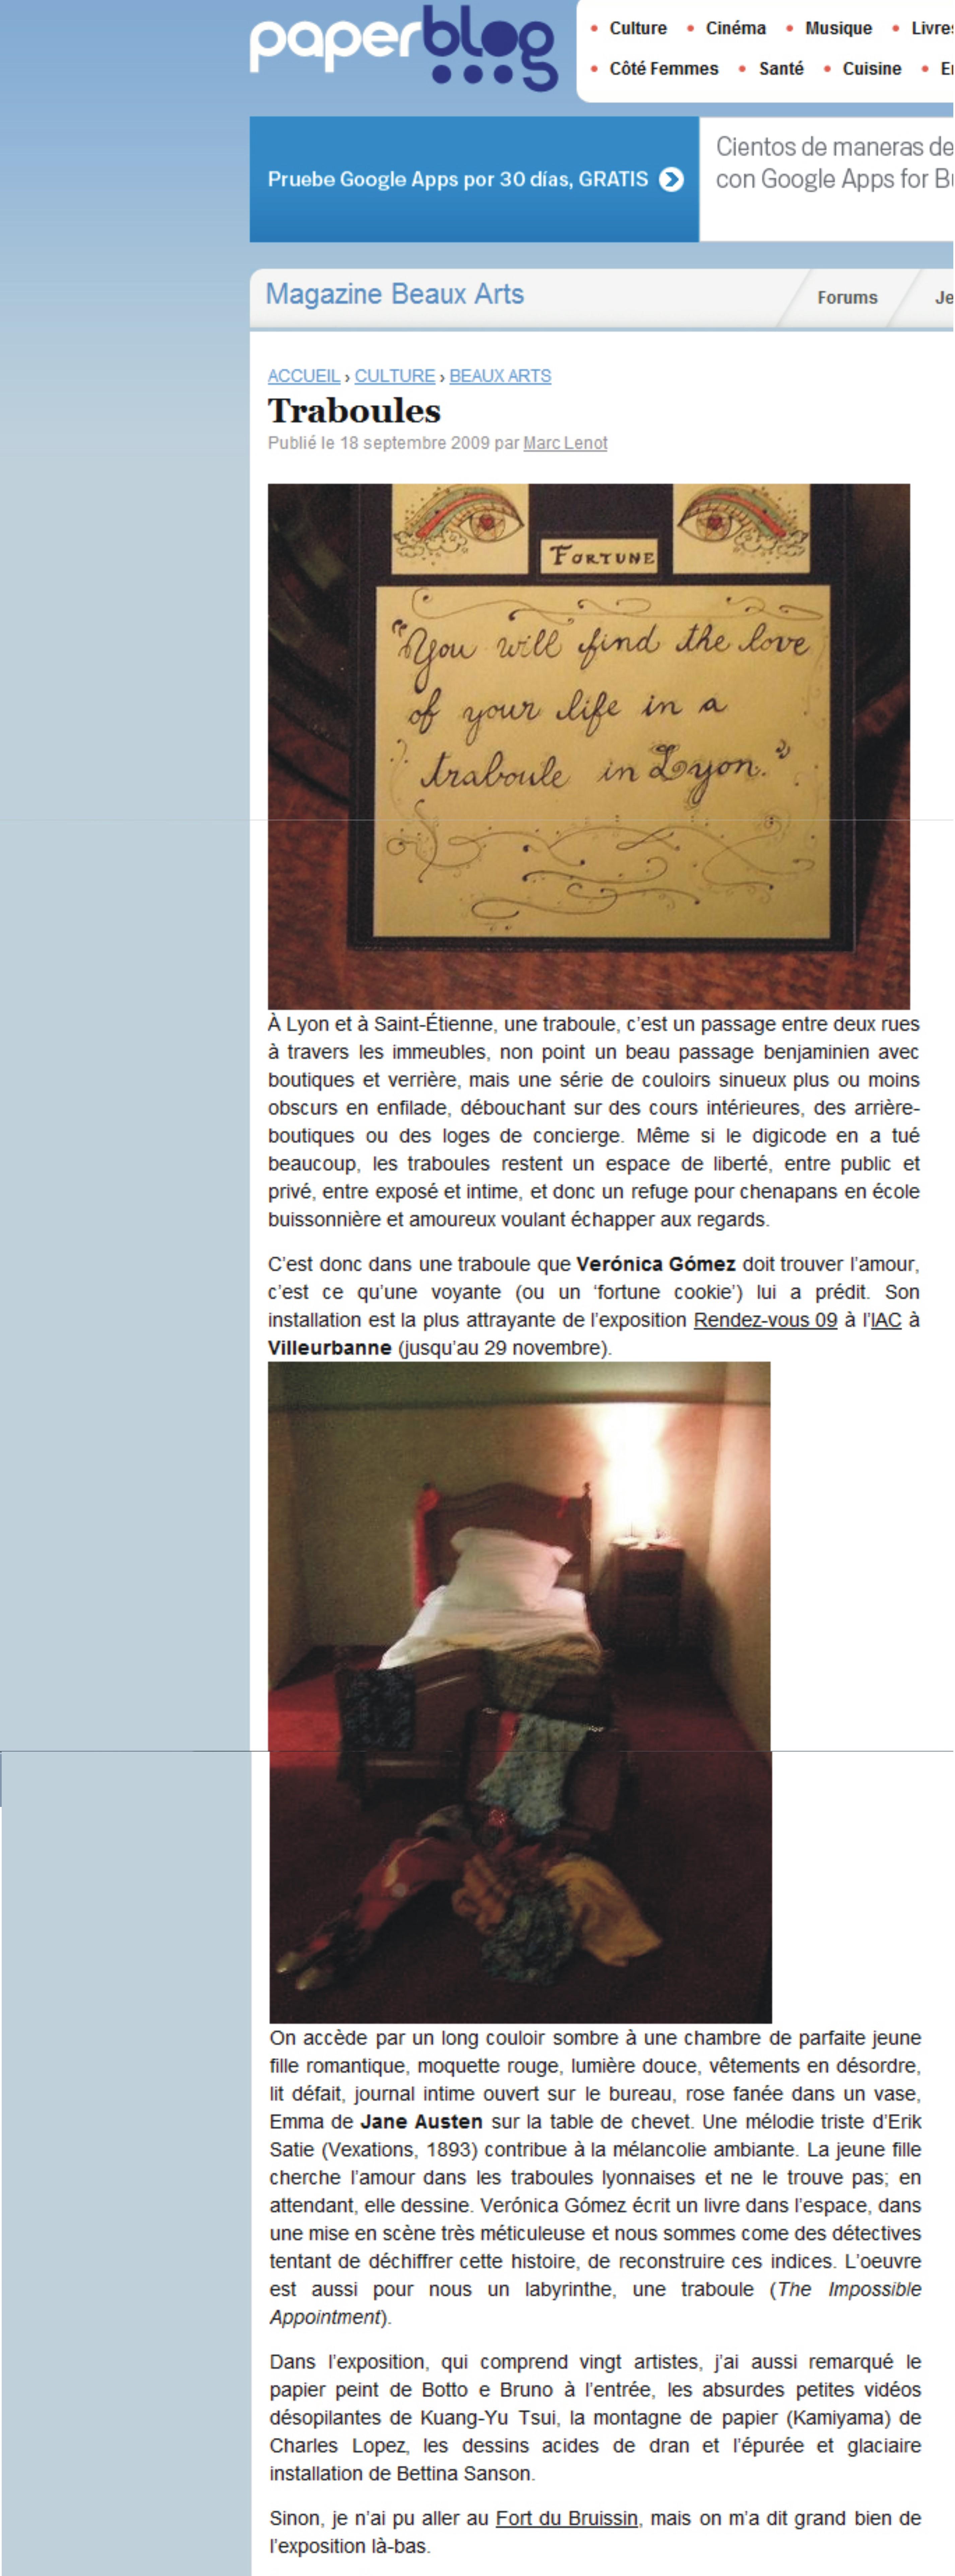 magazine-beaux-arts-18-de-septiembre-de-2009